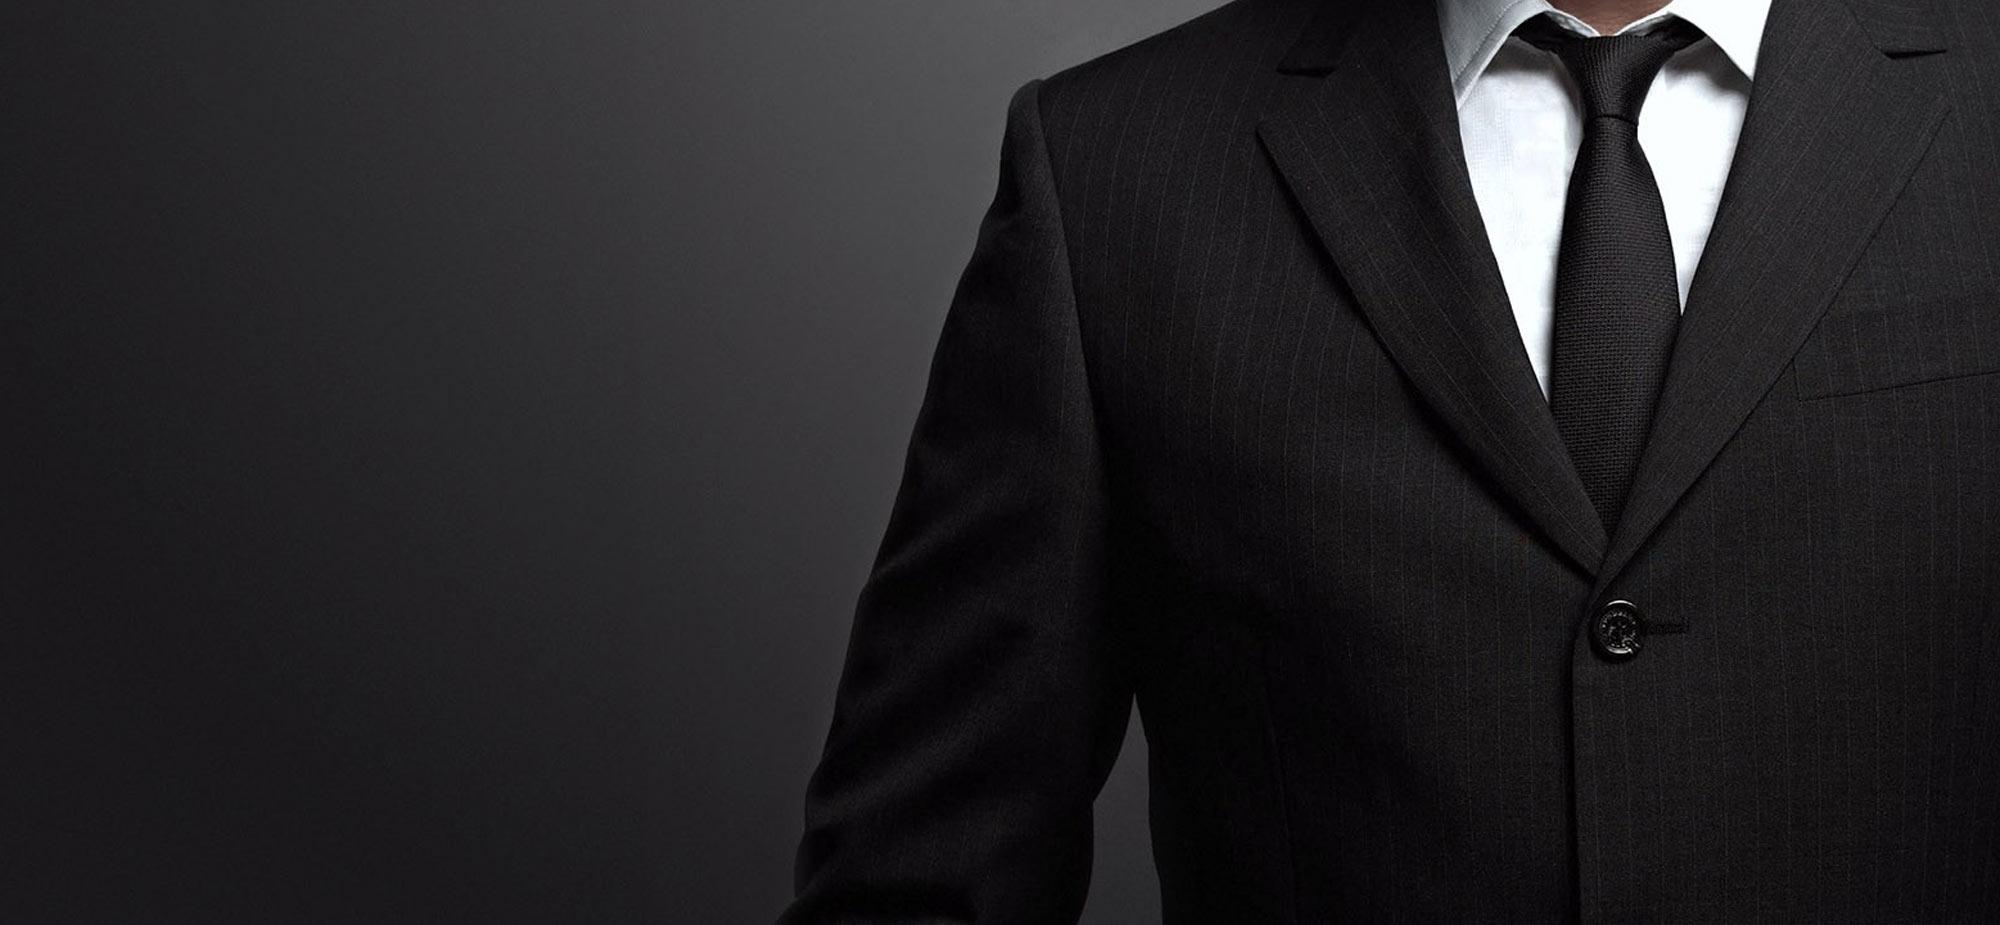 Comment Mettre Une Pince A Cravate Les Regles De Base